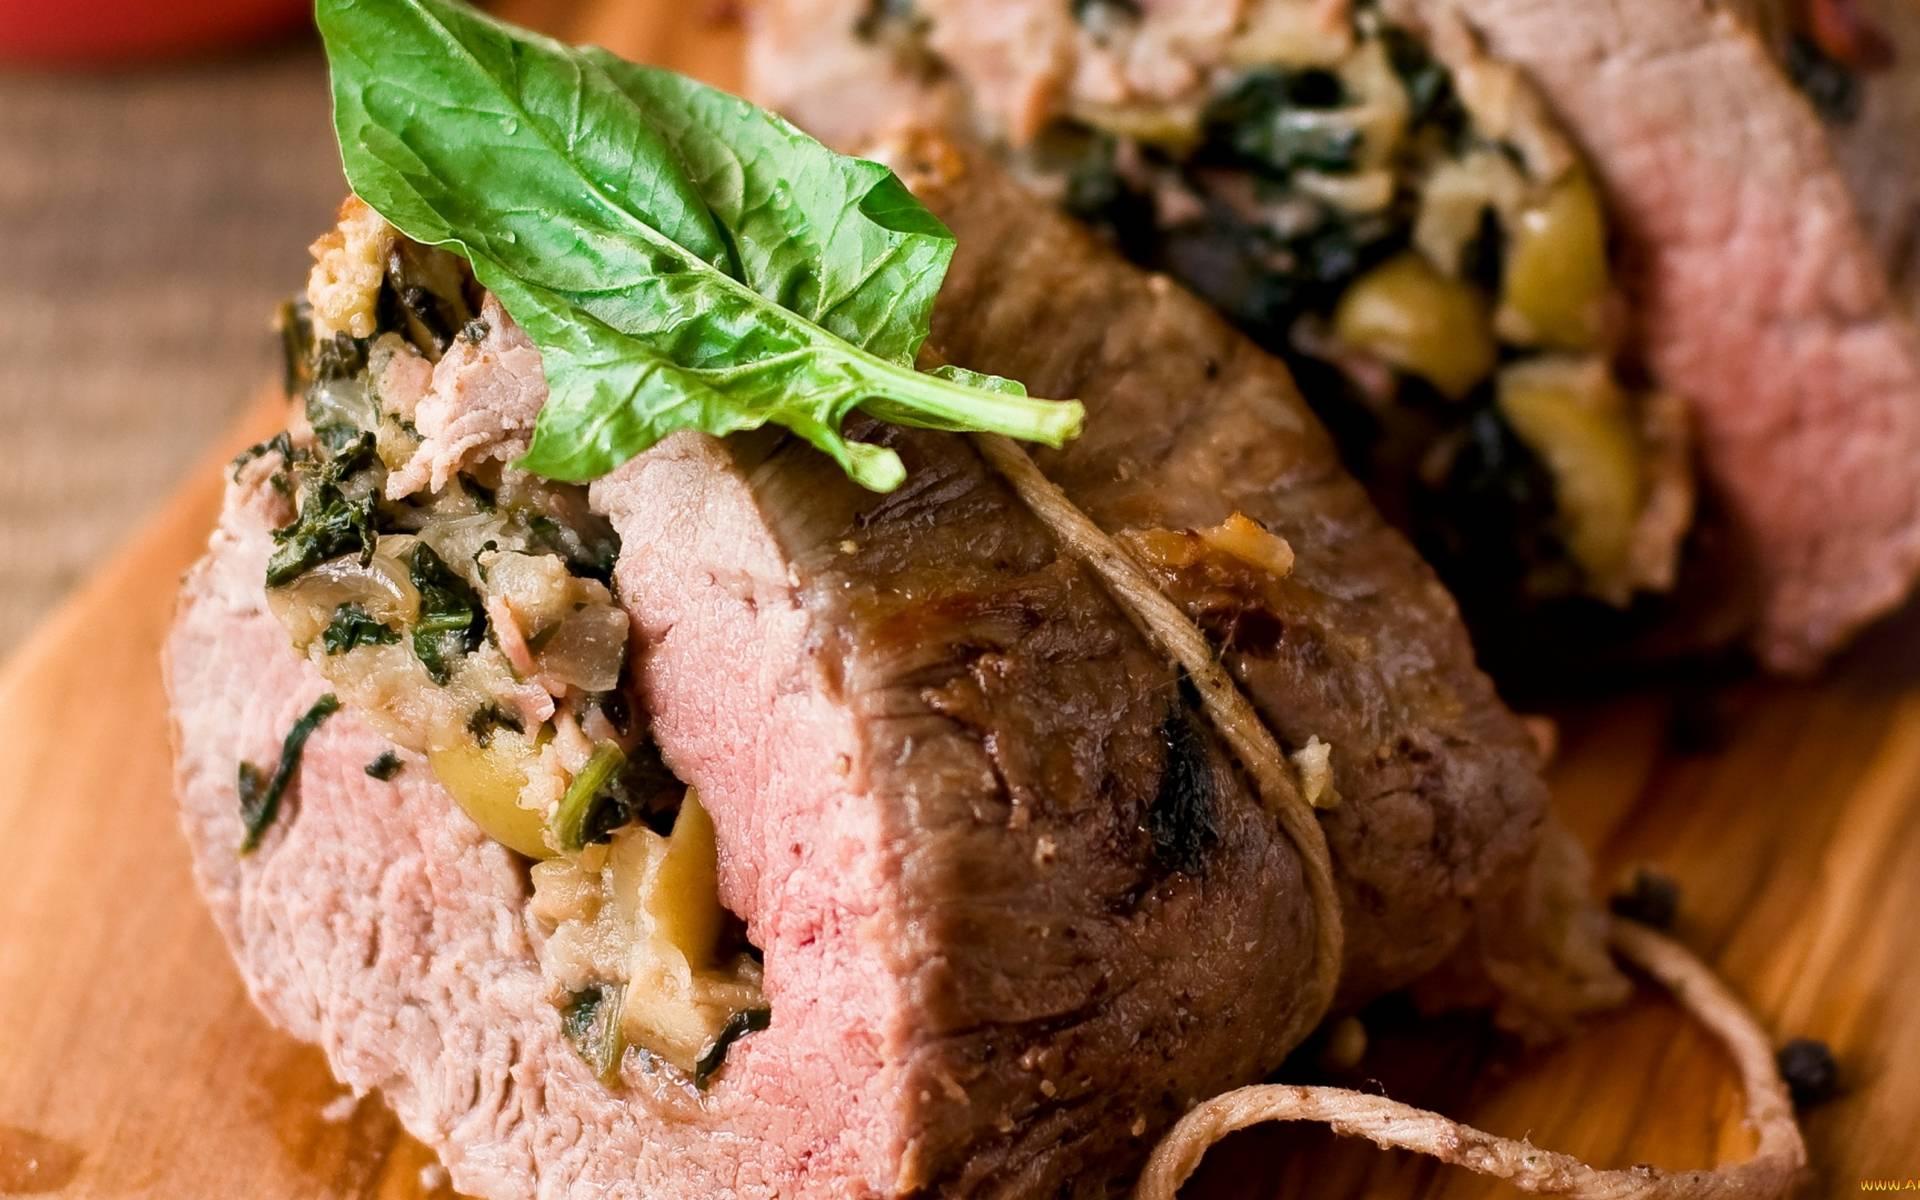 Как сделать рулет из говядины в домашних условиях